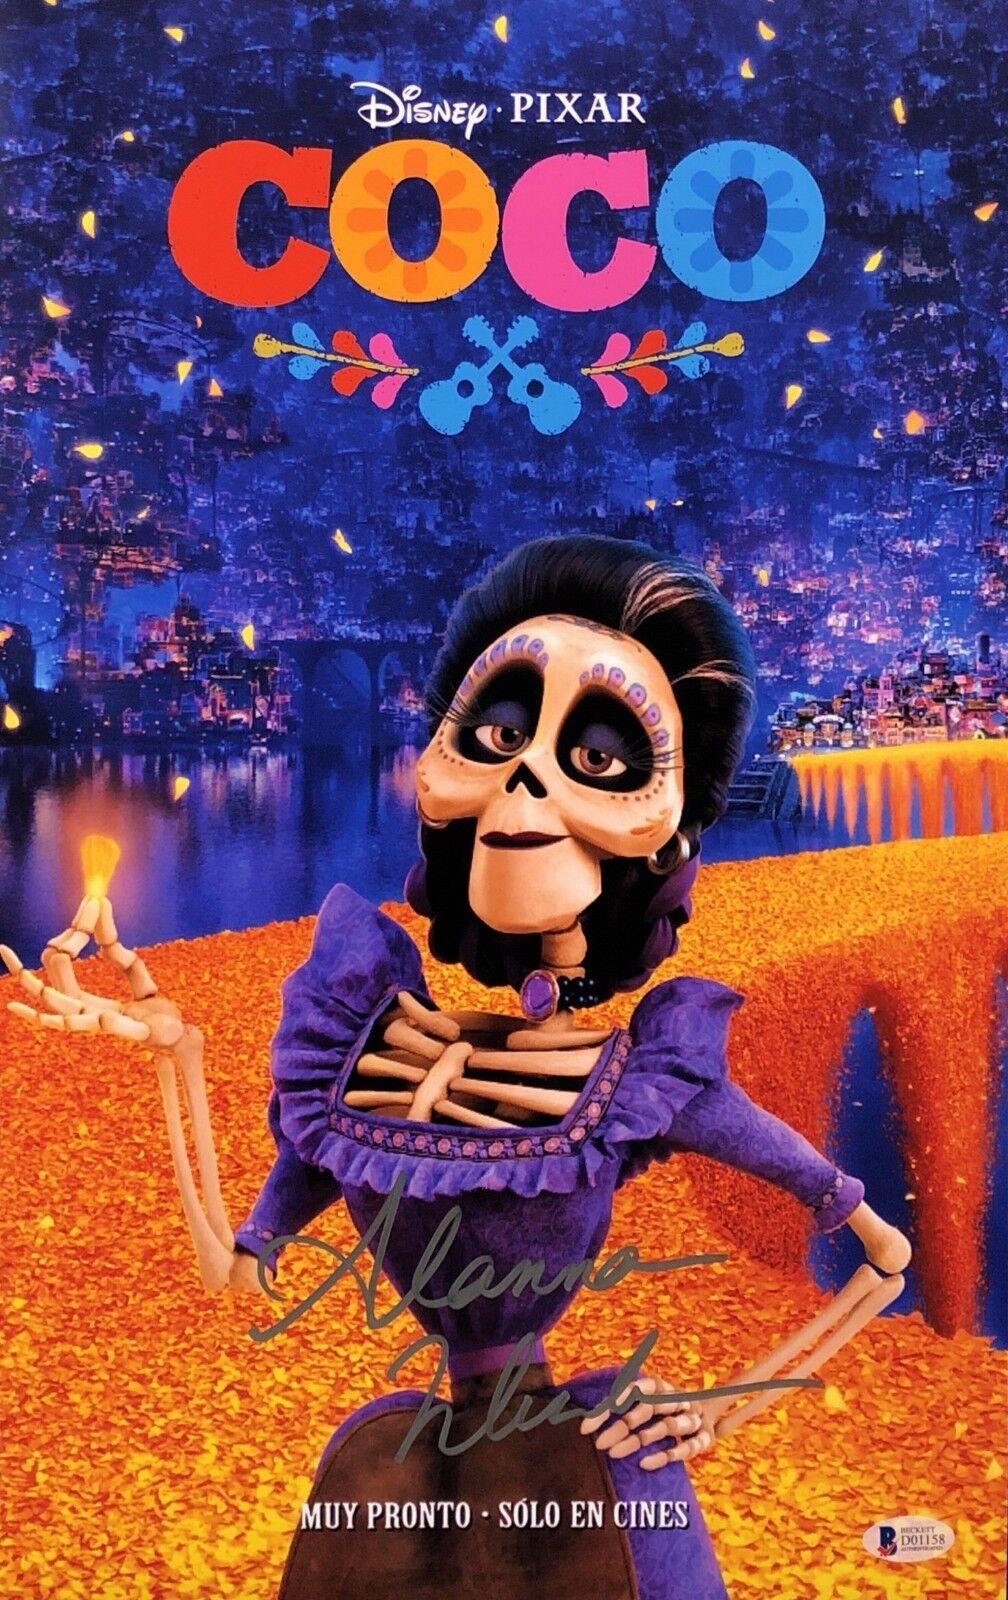 Alanna Ubach Signed Disney's 'Coco' 11x17 Photo Beckett BAS D01158